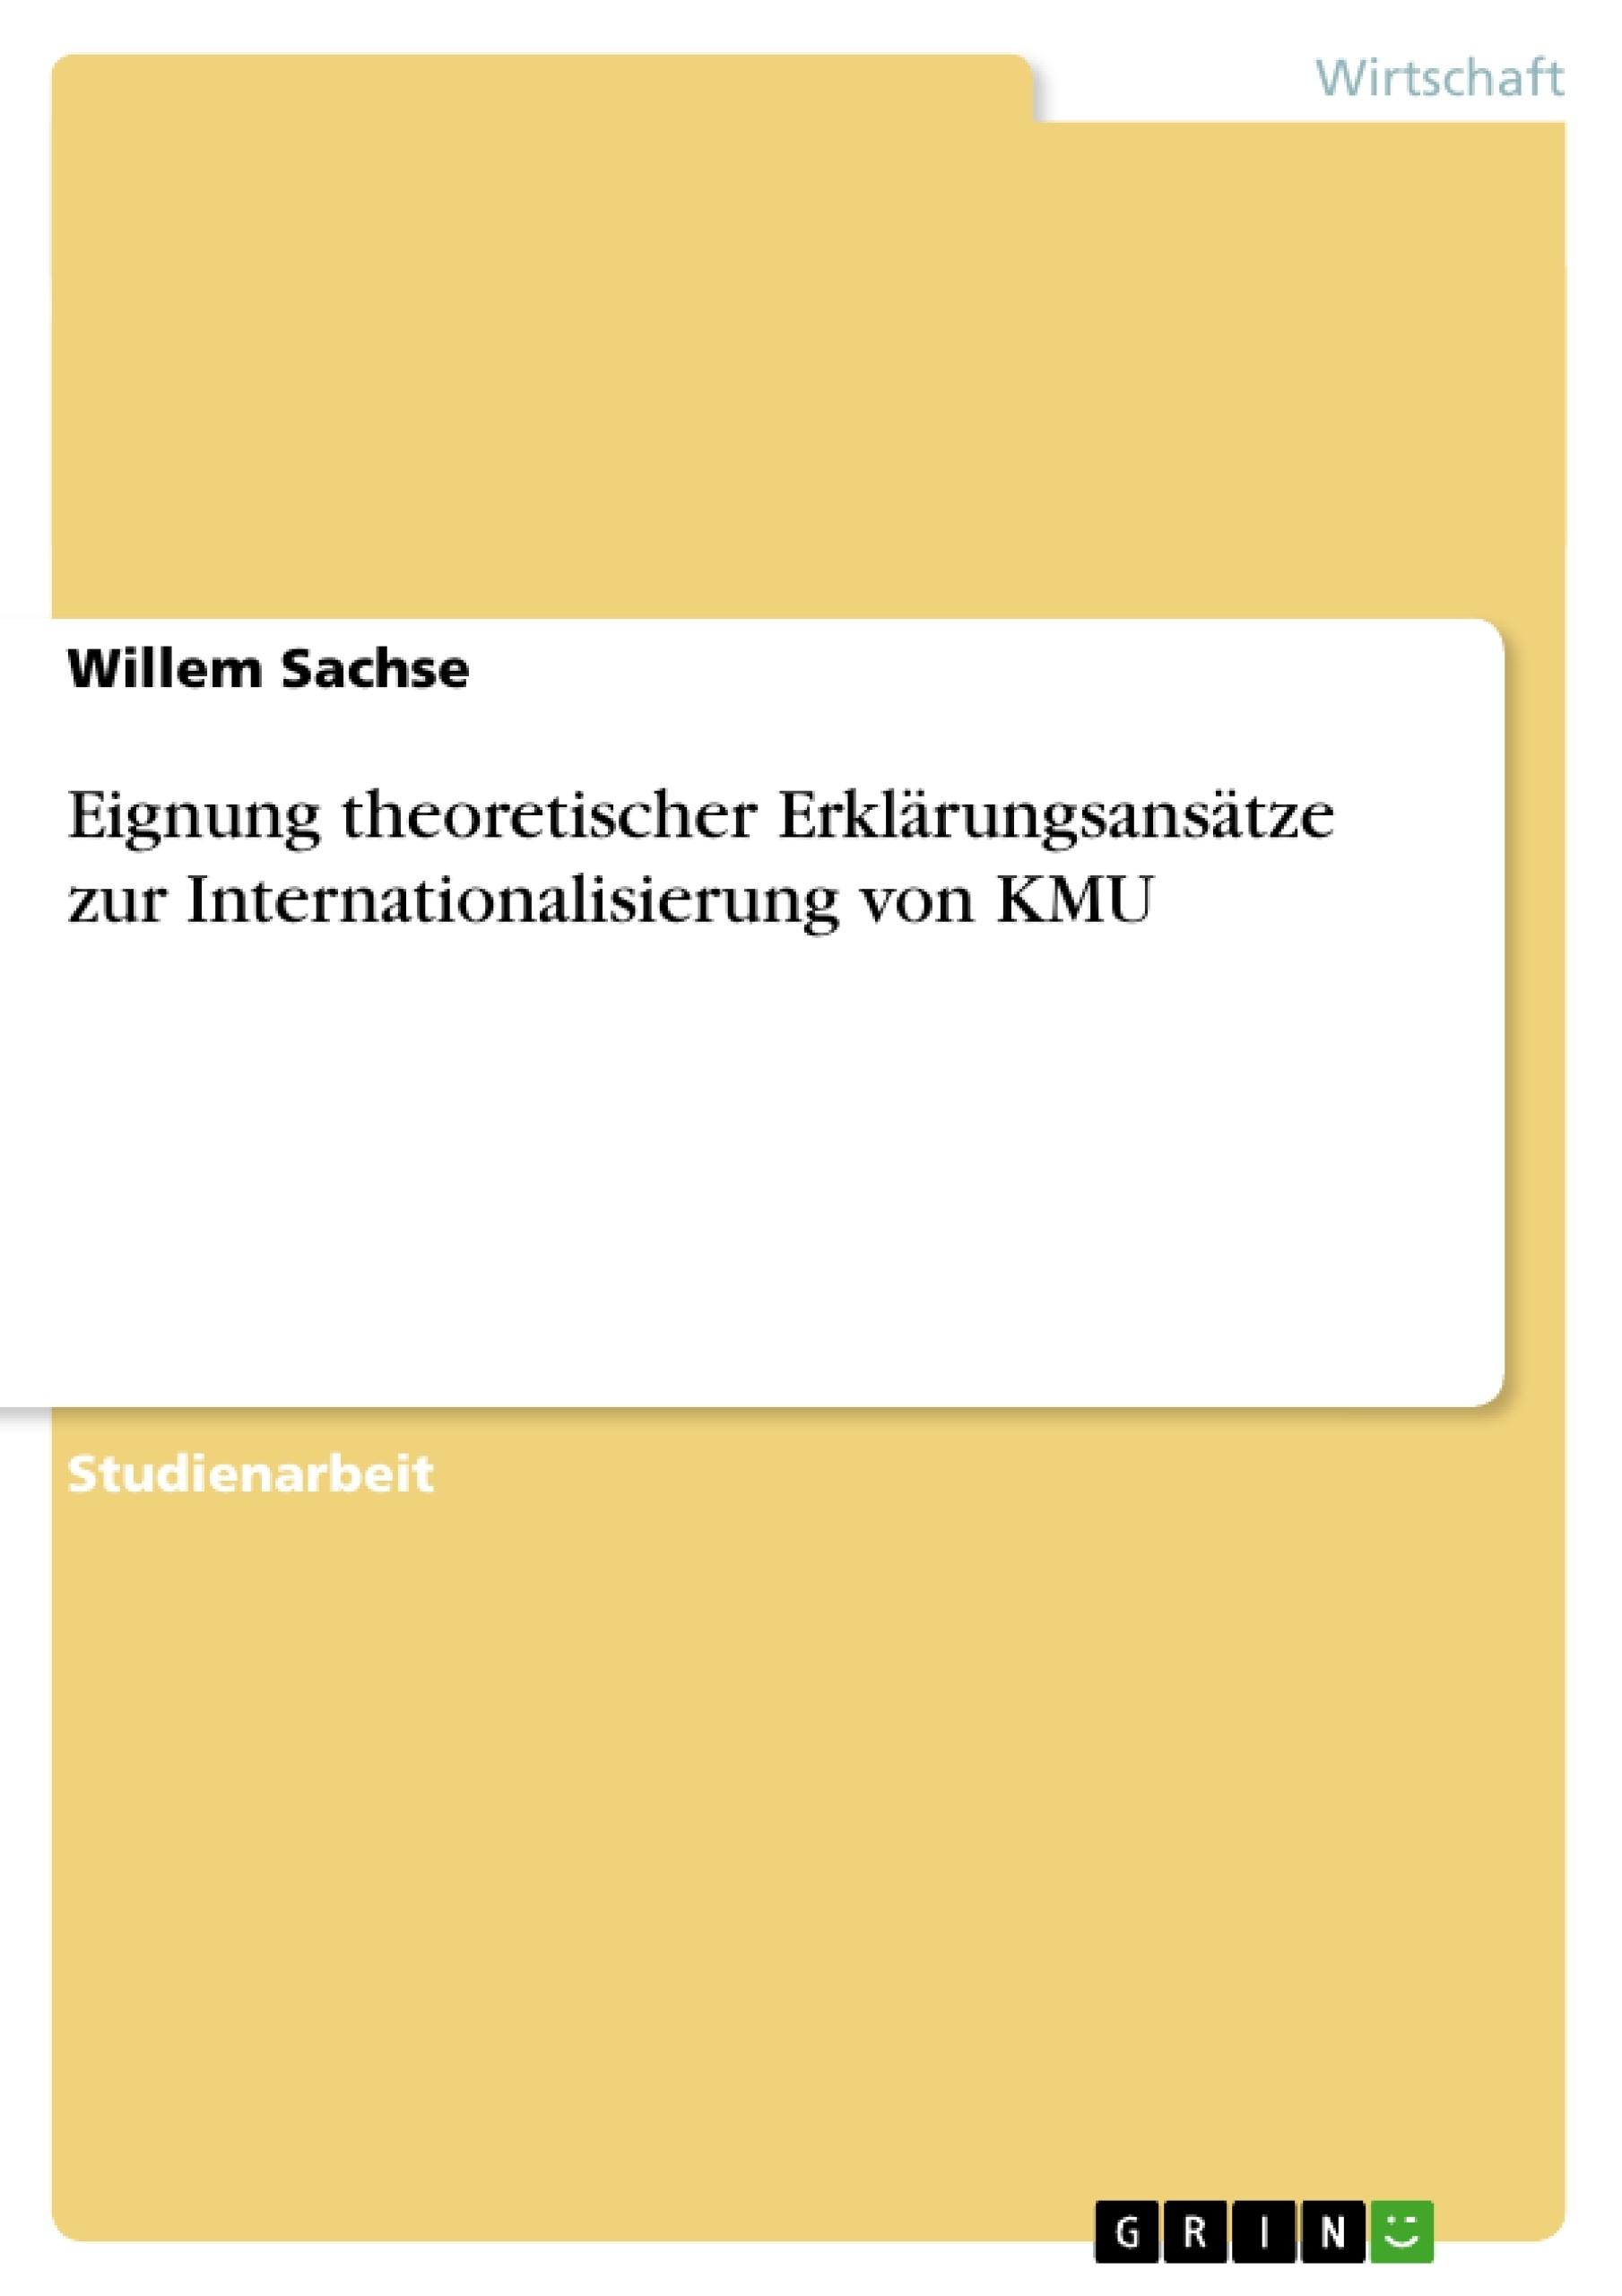 Titel: Eignung theoretischer Erklärungsansätze zur Internationalisierung von KMU